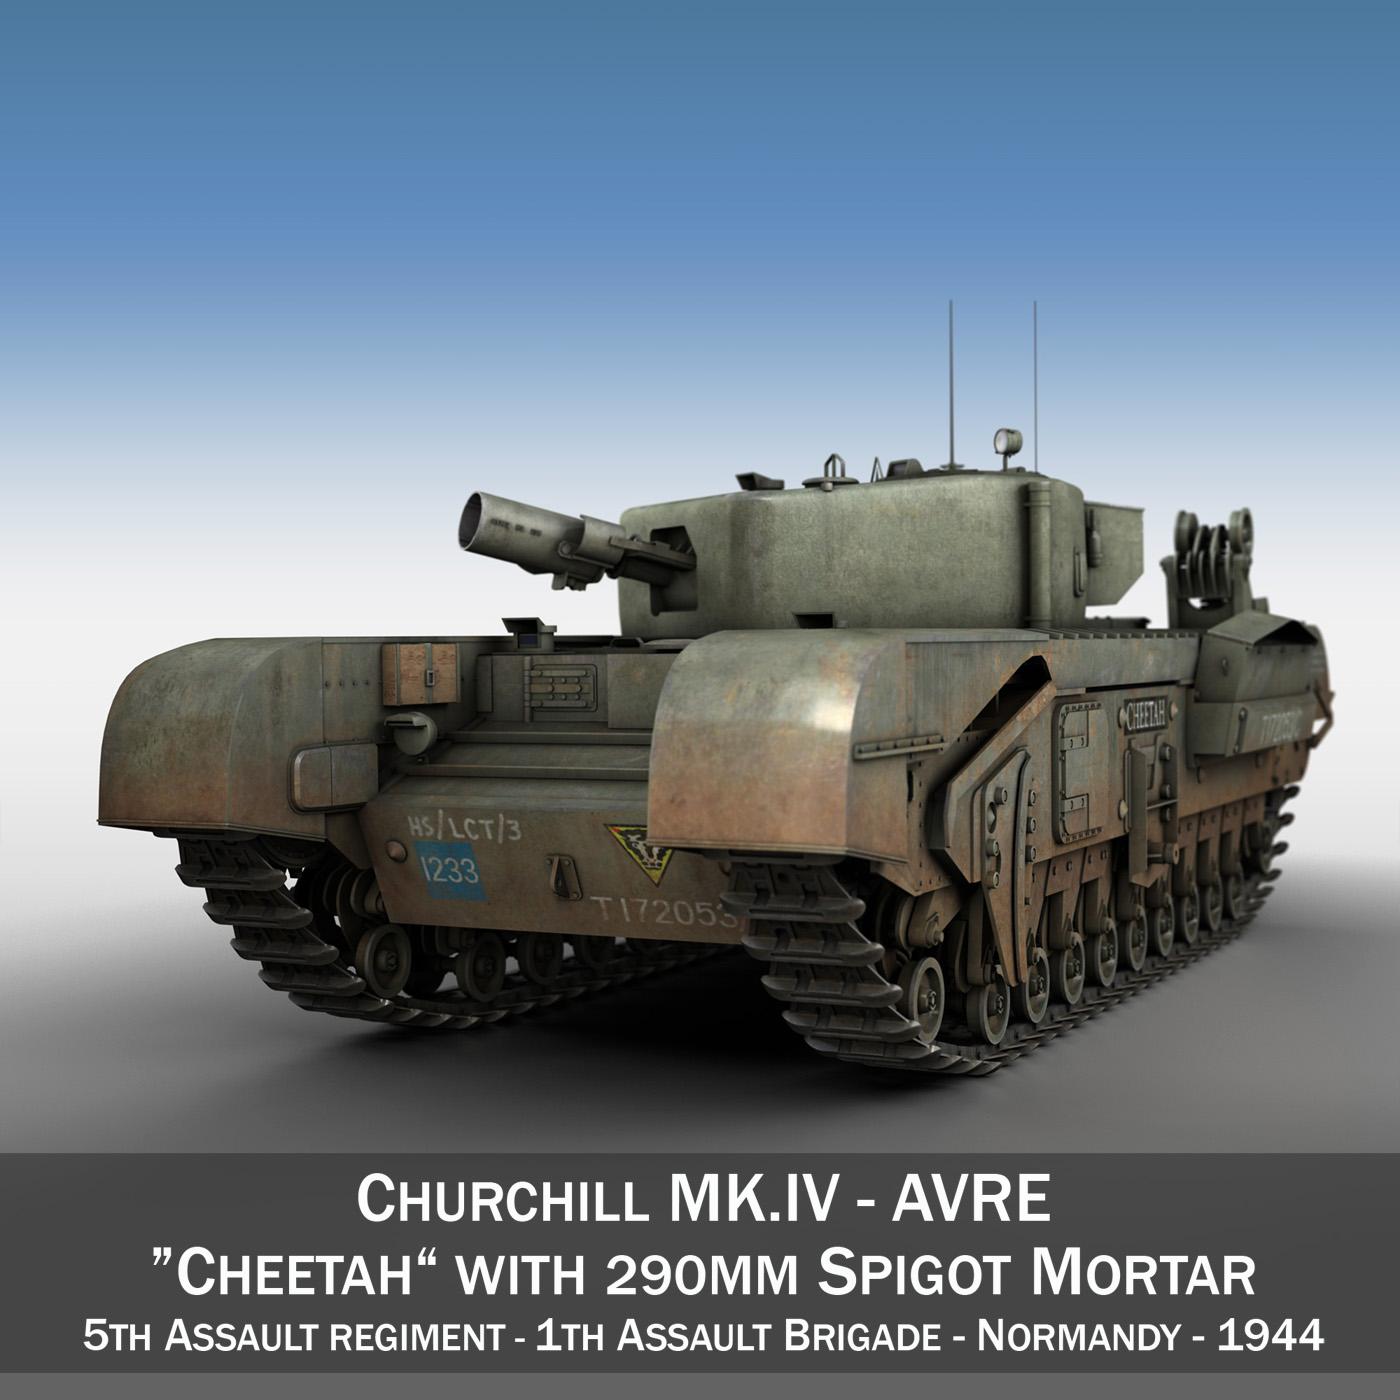 Churchill MK IV AVRE - Cheetah 3d model 3ds fbx c4d lwo lws lw obj 273012